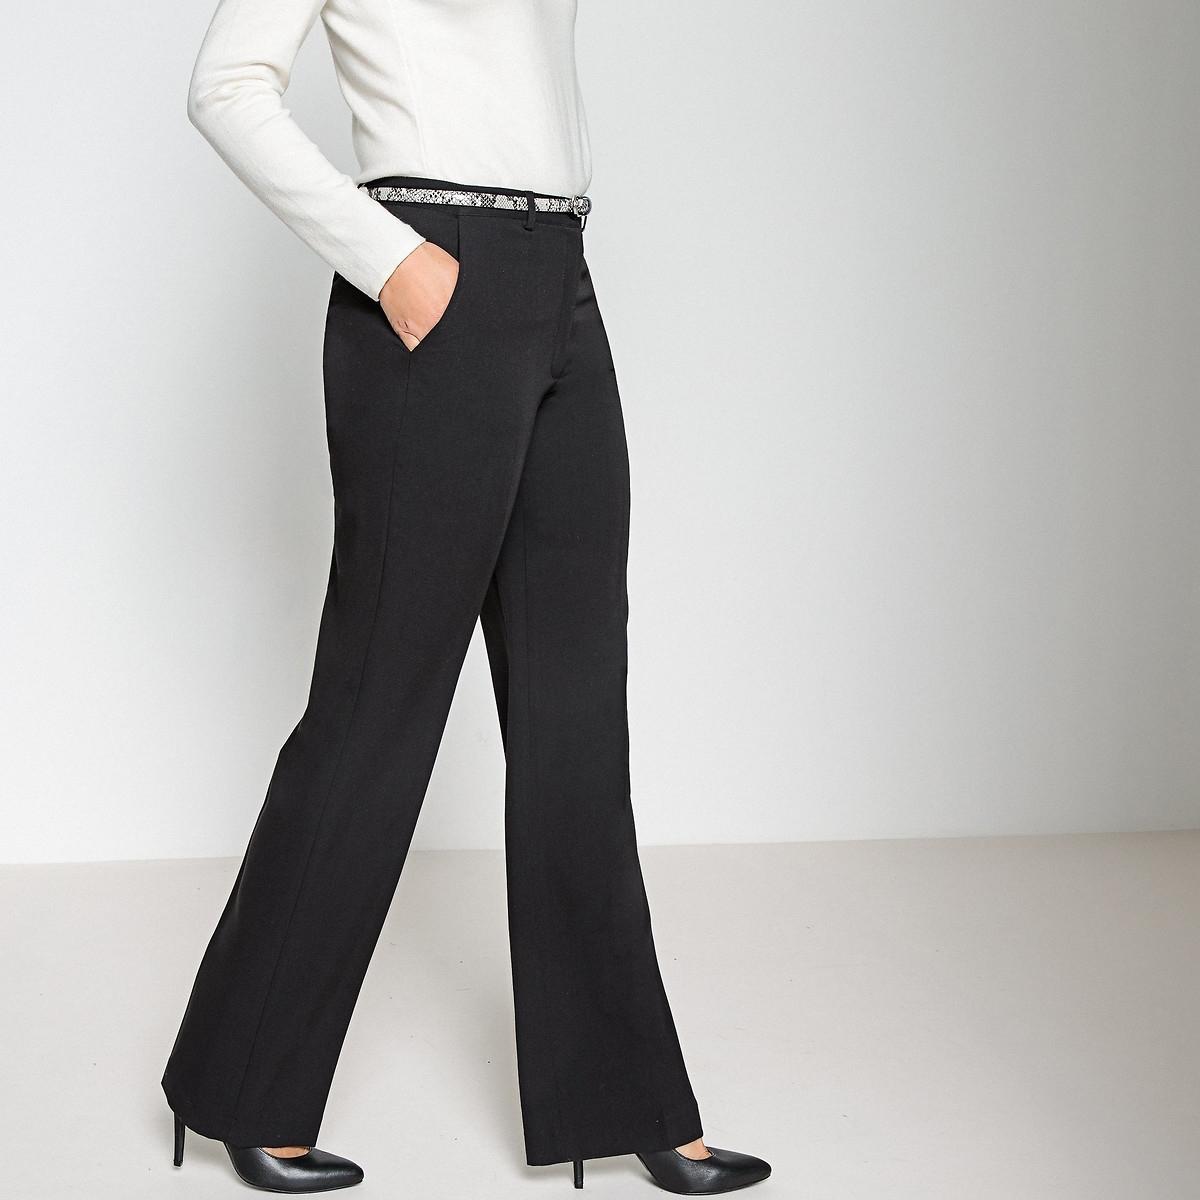 Фото - Брюки LaRedoute Широкие в городском стиле из поливискозы и эластана 48 (FR) - 54 (RUS) черный брюки в городском стиле из ткани стретч с удлиняющими вырезами